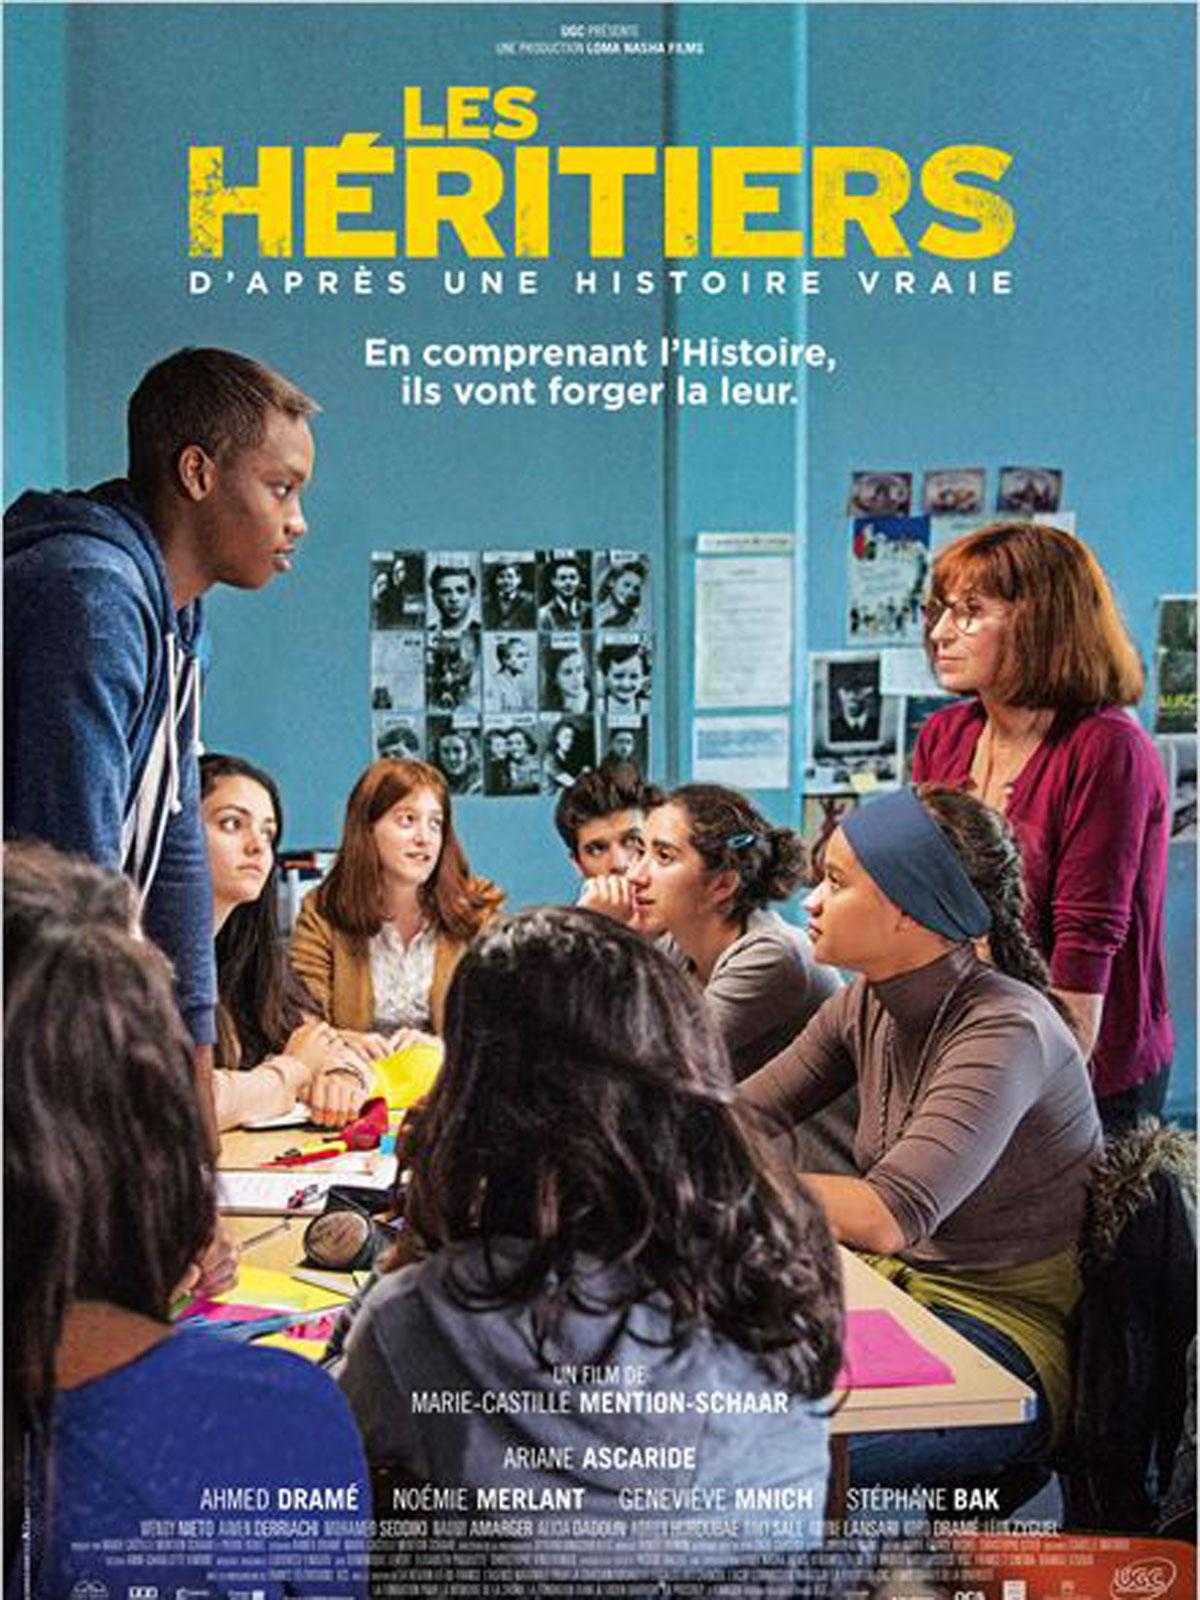 Les Héritiers, 7 octobre 2014, de Marie-Castille Mention-Schaar, avec Ariane Ascaride, Ahmed Dramé